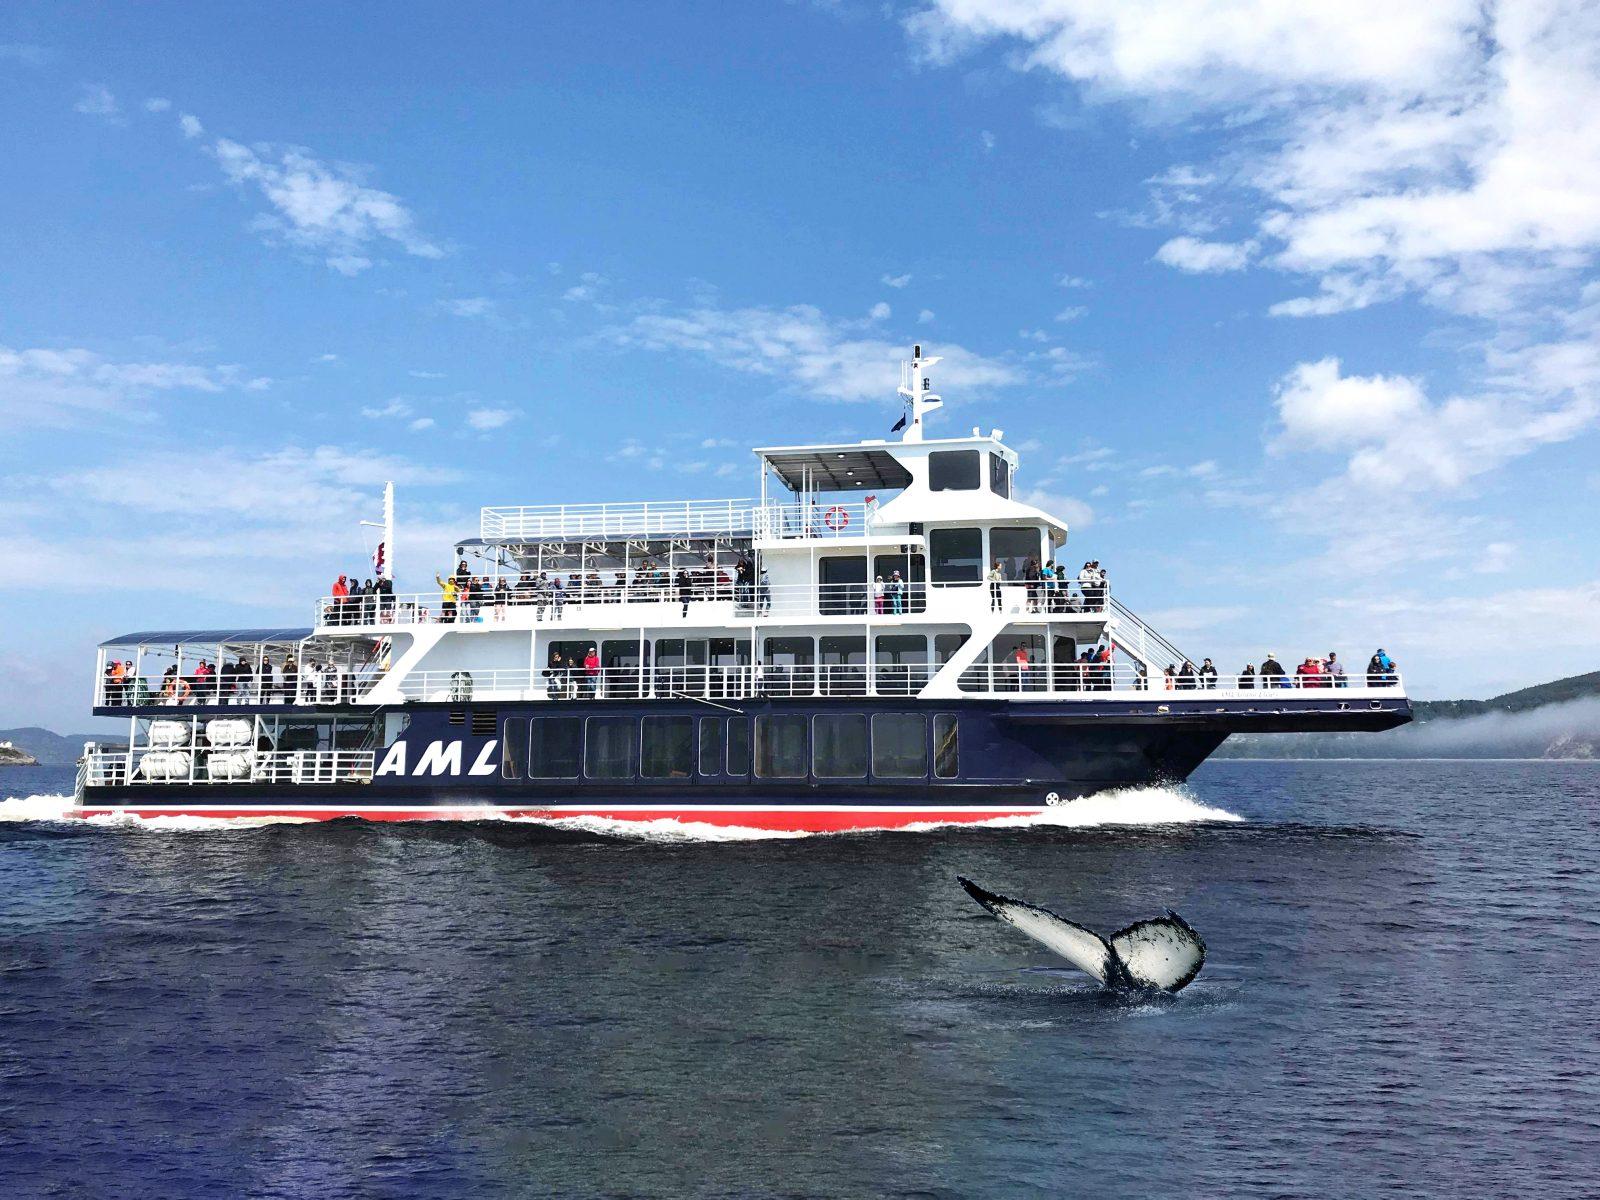 Croisières aux baleines : une industrie résiliente